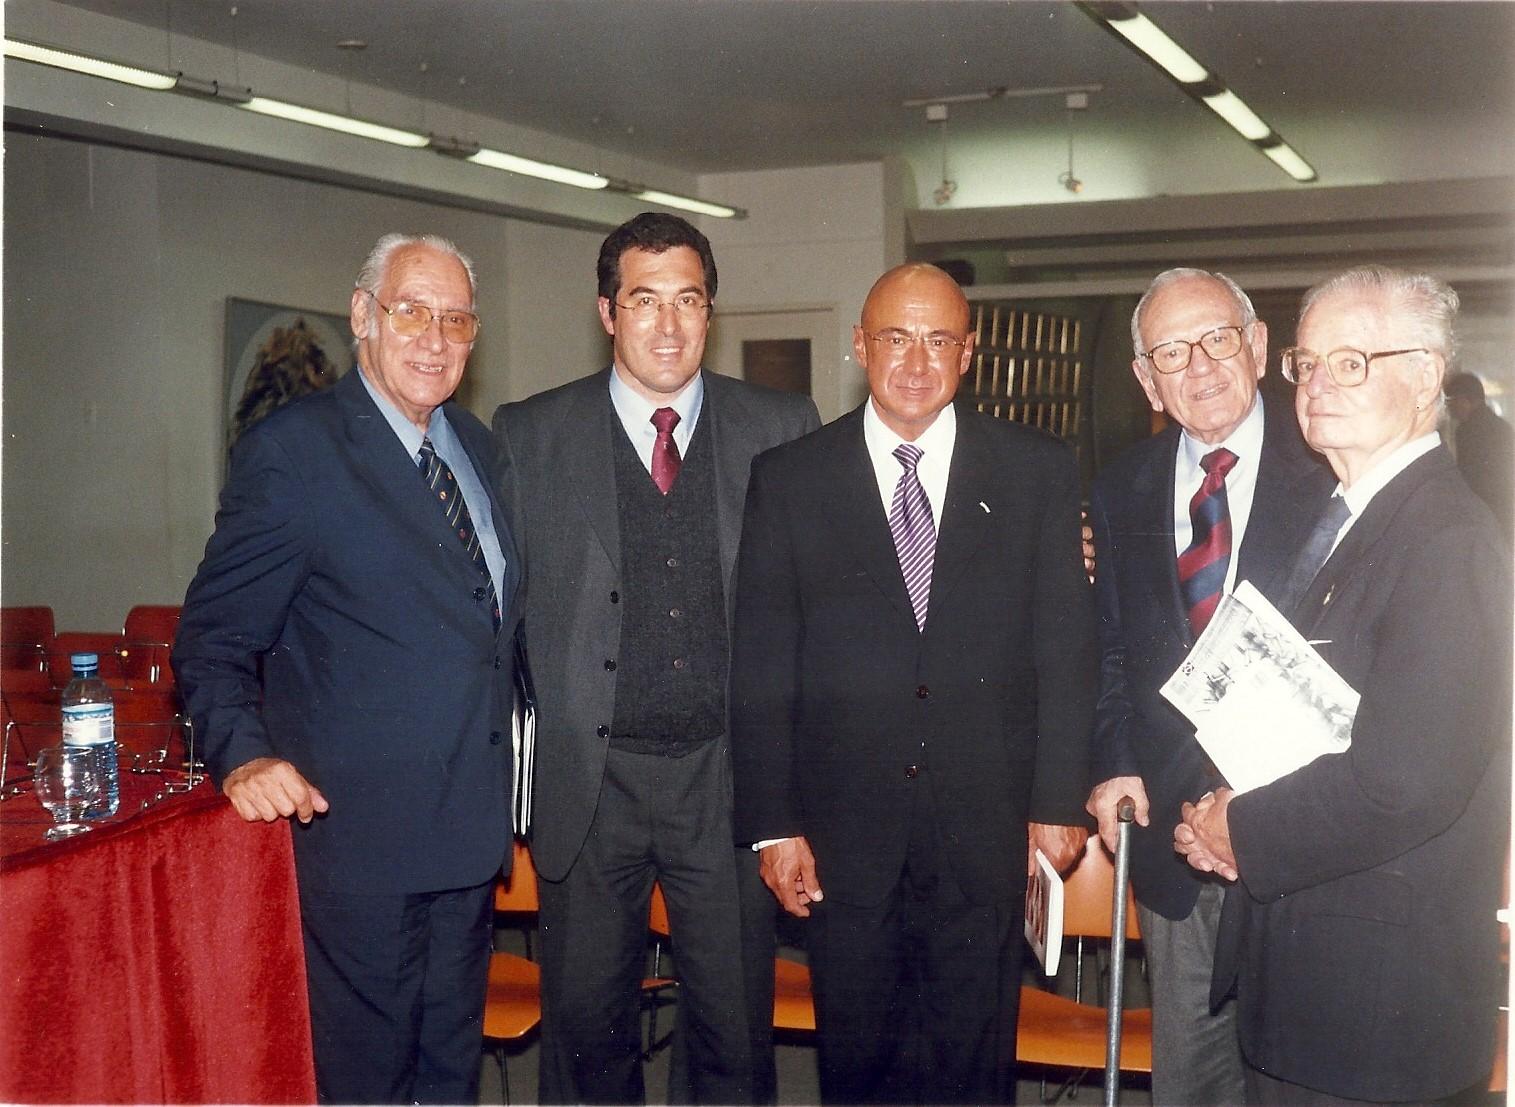 Alberto Methol Ferre Marcelo Gullo, el embajador y ensayista Pineiro Iniguez, Helio Jaguaribe y Luis de Imaz